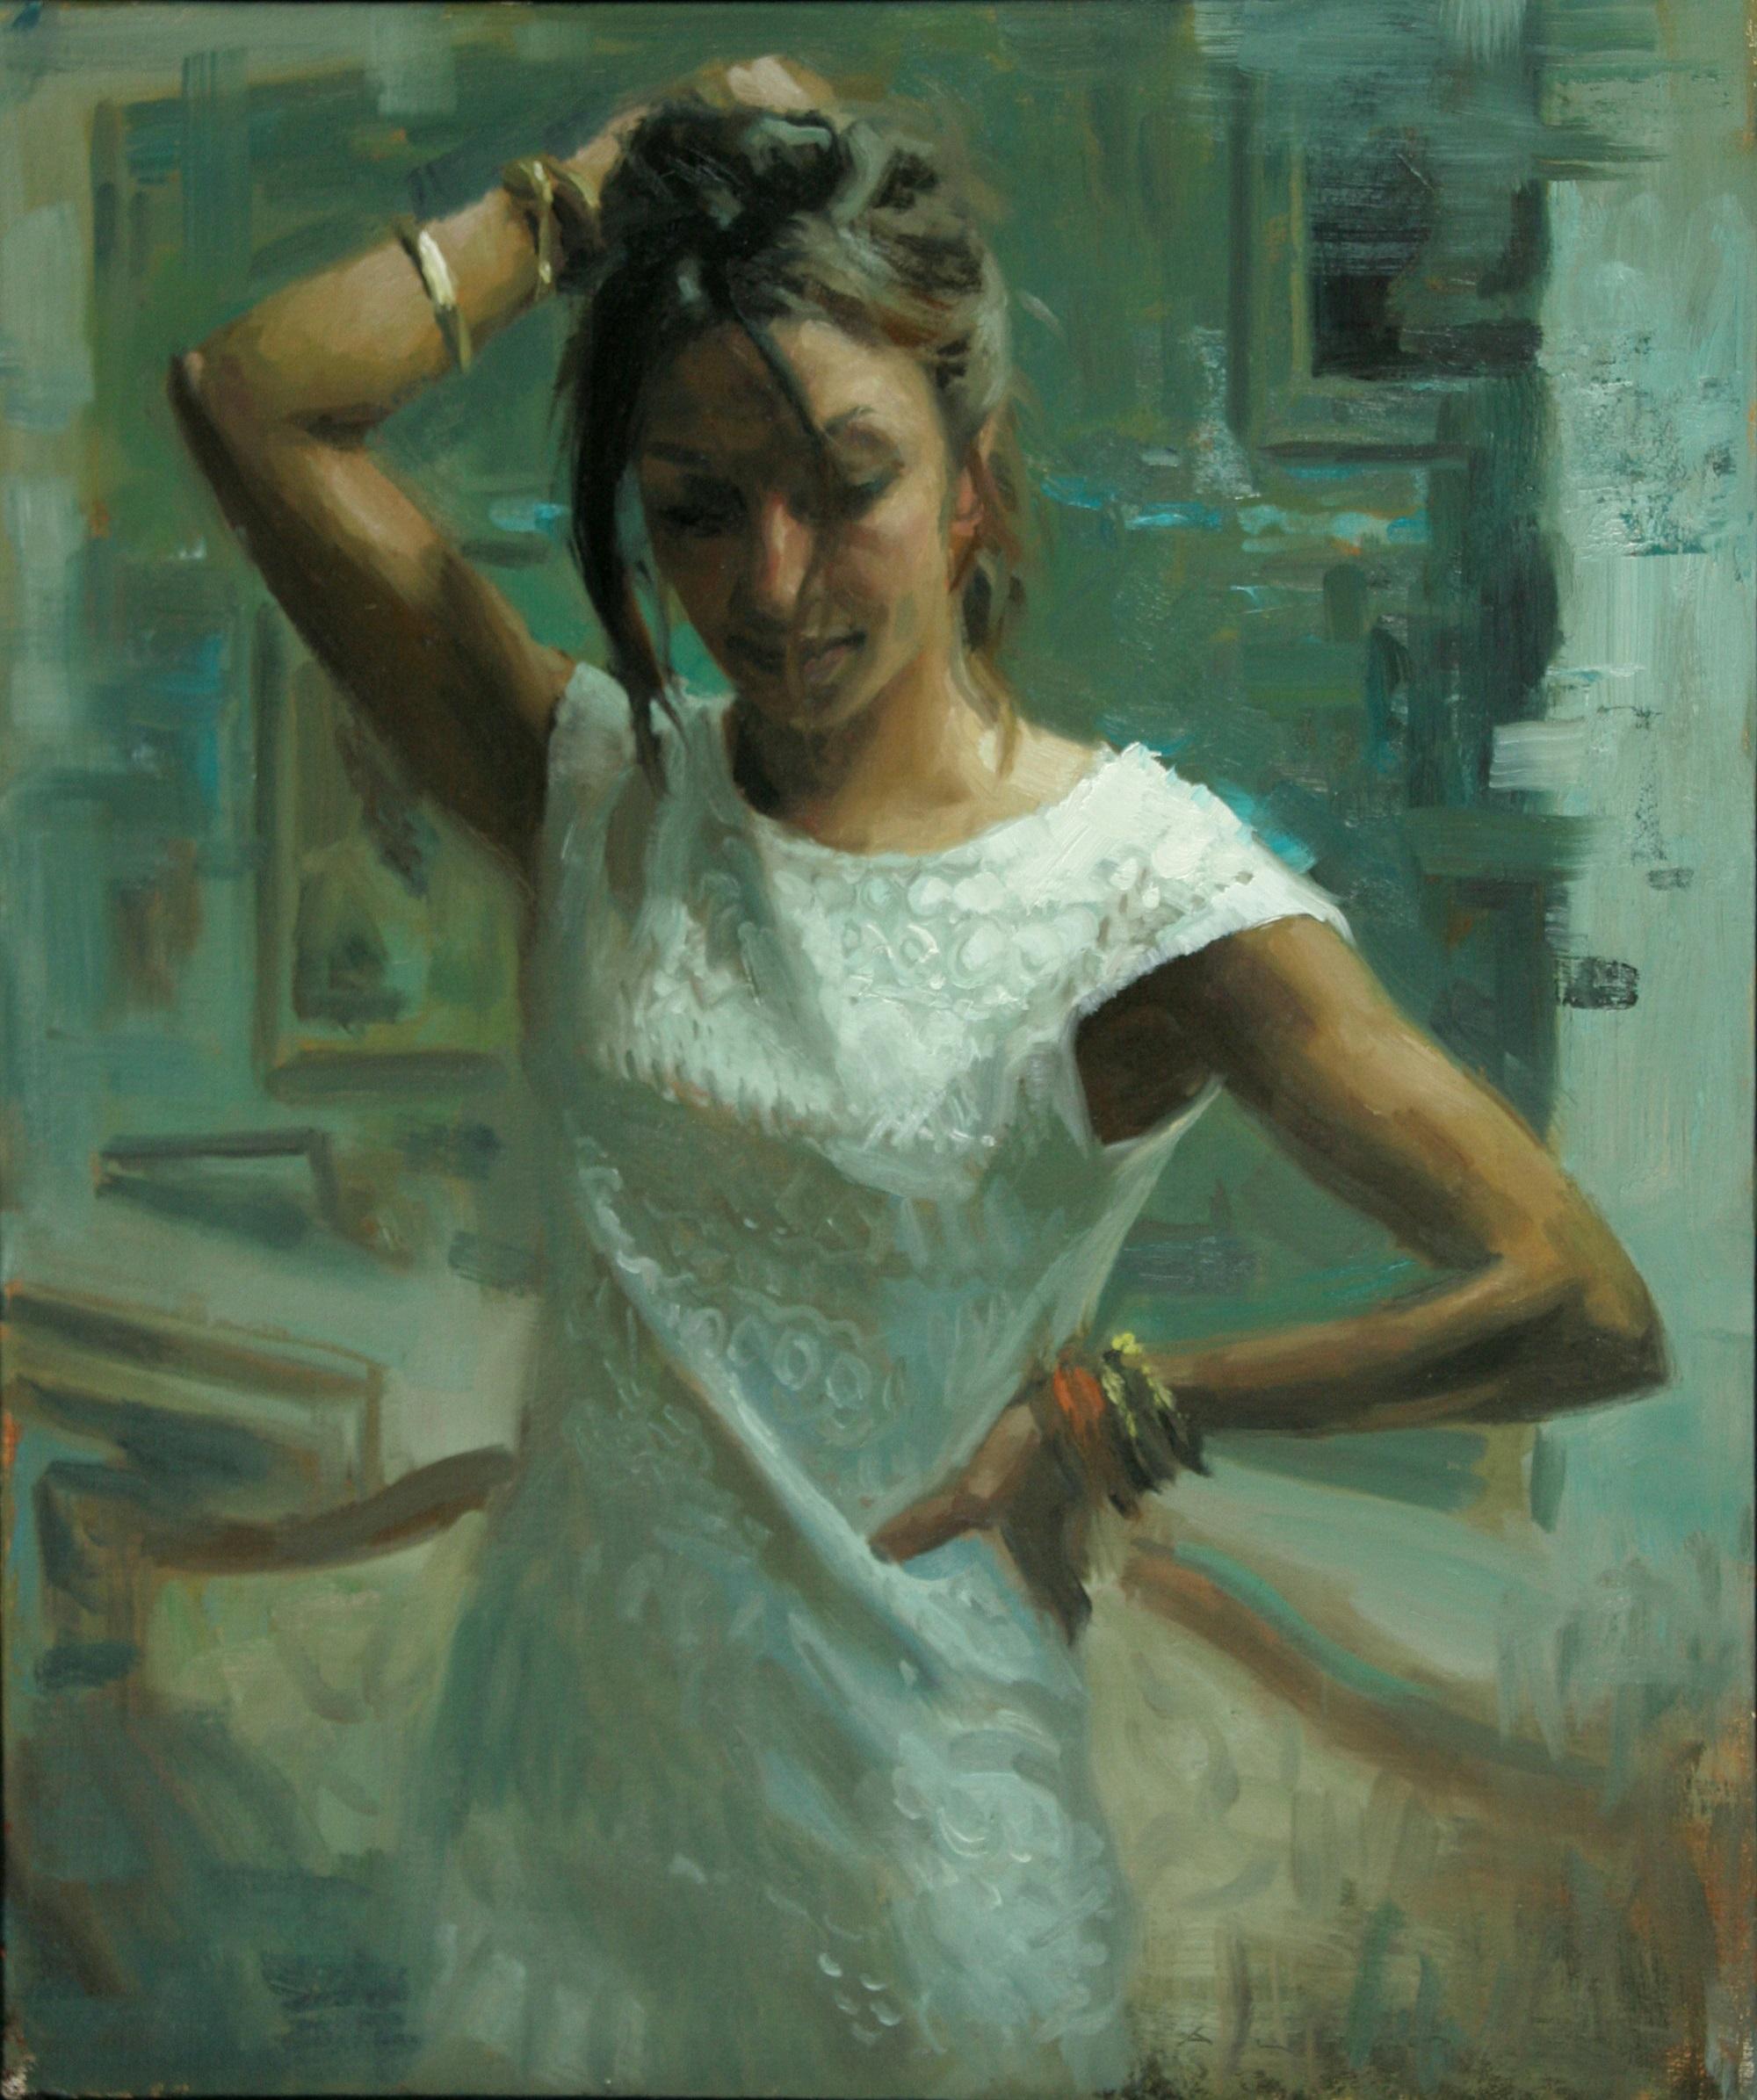 'Sabrina in Shadow' Aldo Balding Oil on canvas, 54cm x 46cm